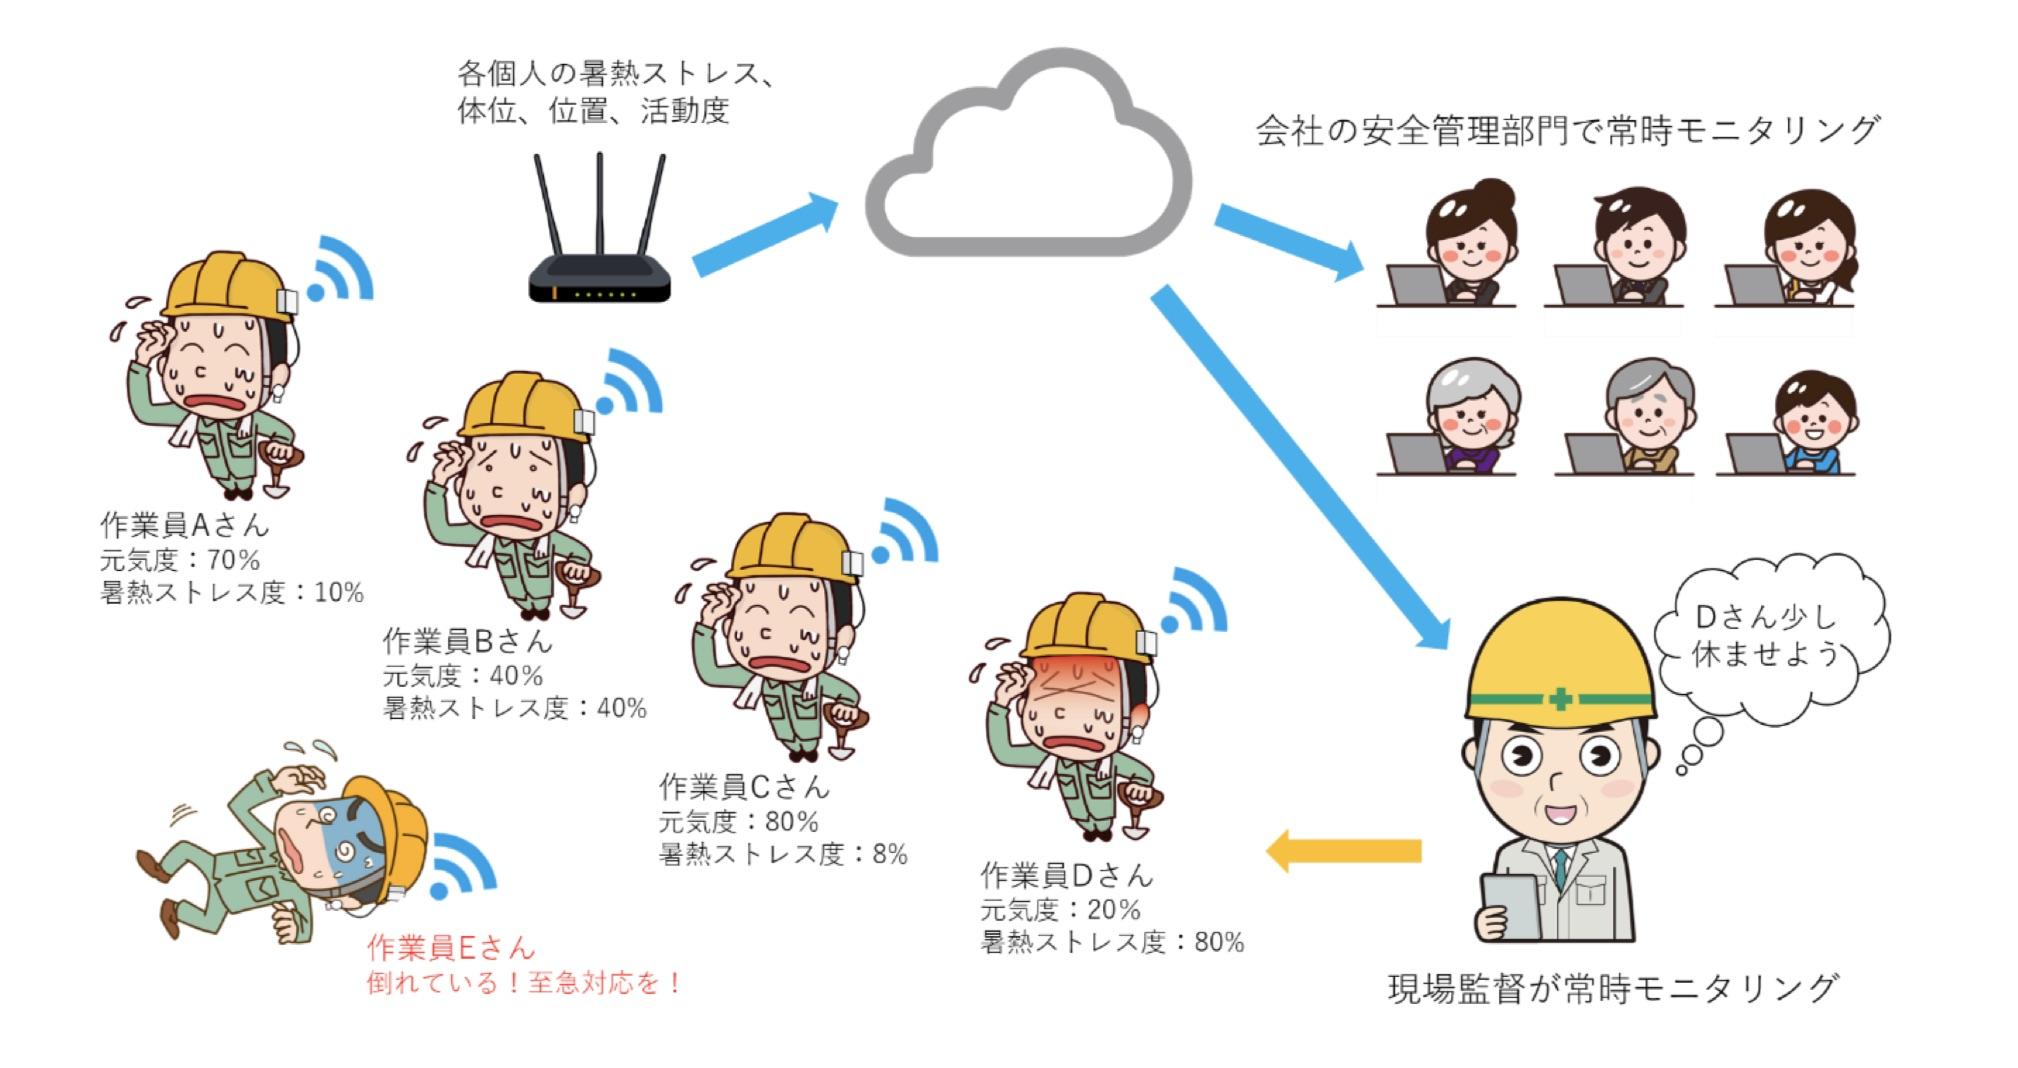 東北大学×シミックヘルスケア | ヘルスケア IoTの実用化を目指した共同研究を開始